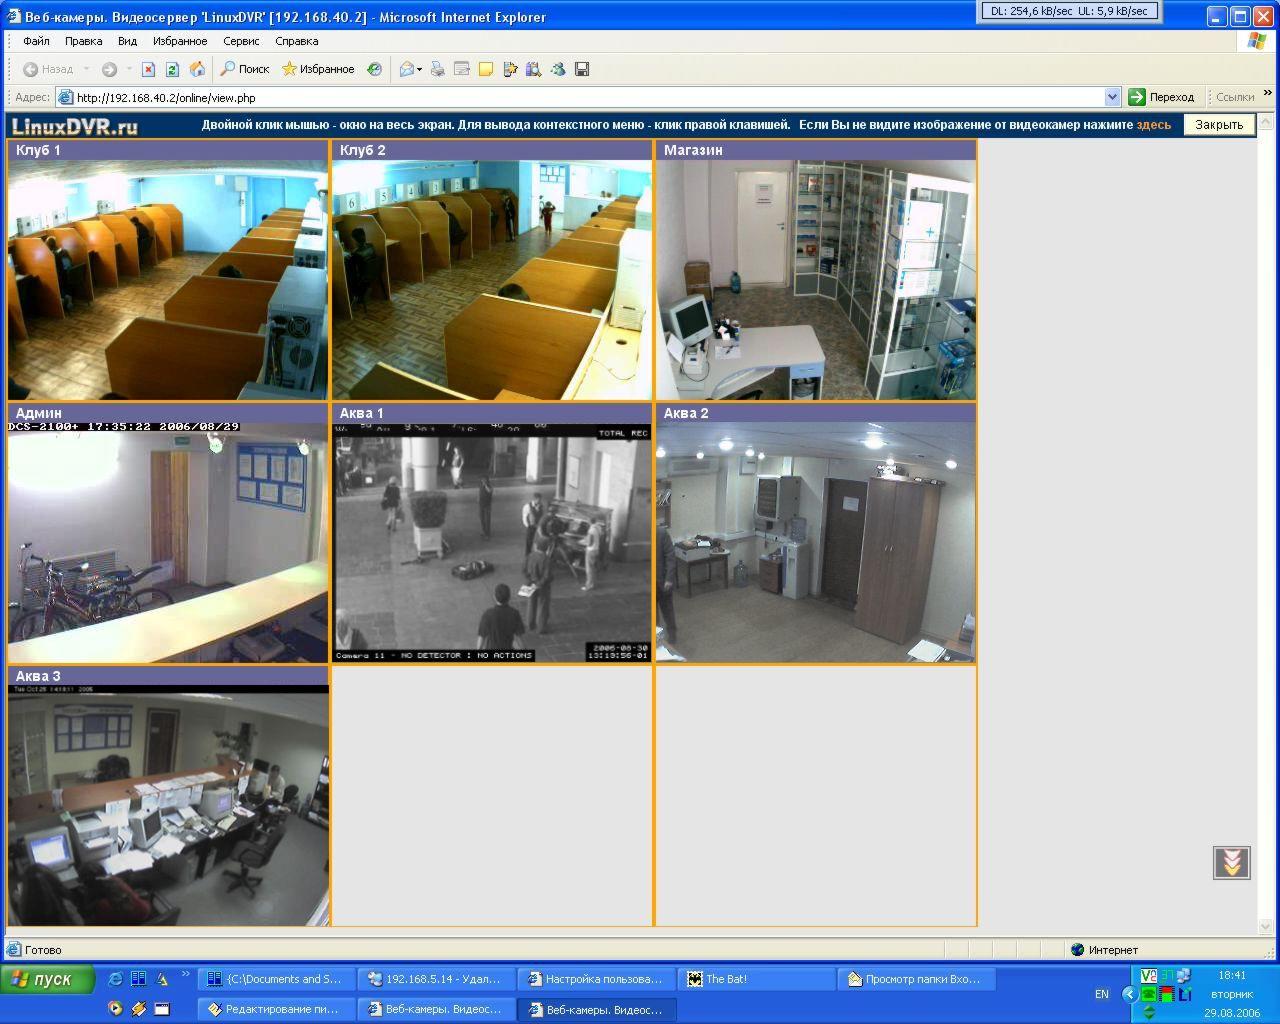 Как сделать фото вебкамерой на компьютере